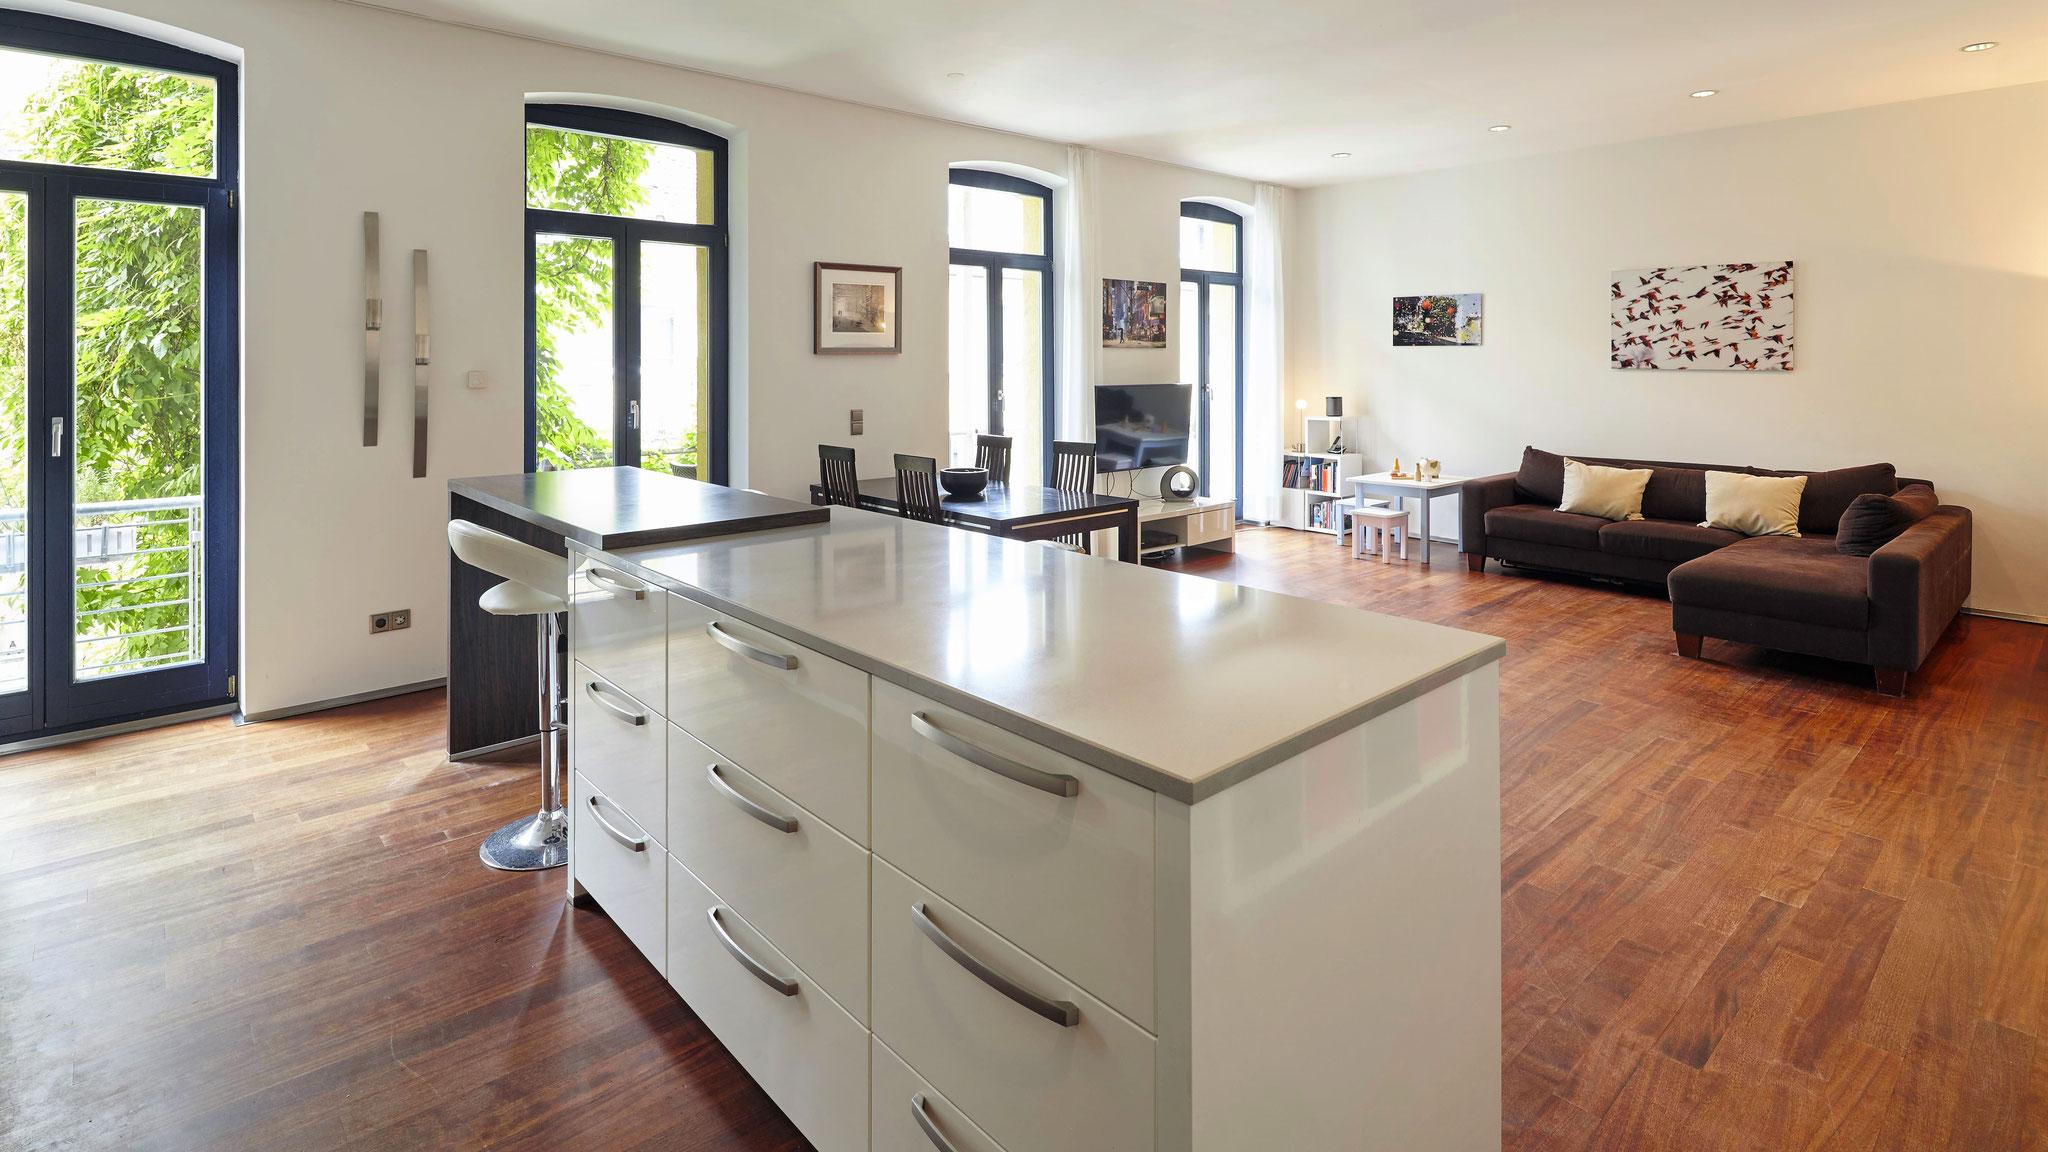 Altbauwohnung in der Neustadt Süd - verkauft innerhalb von 2 Wochen